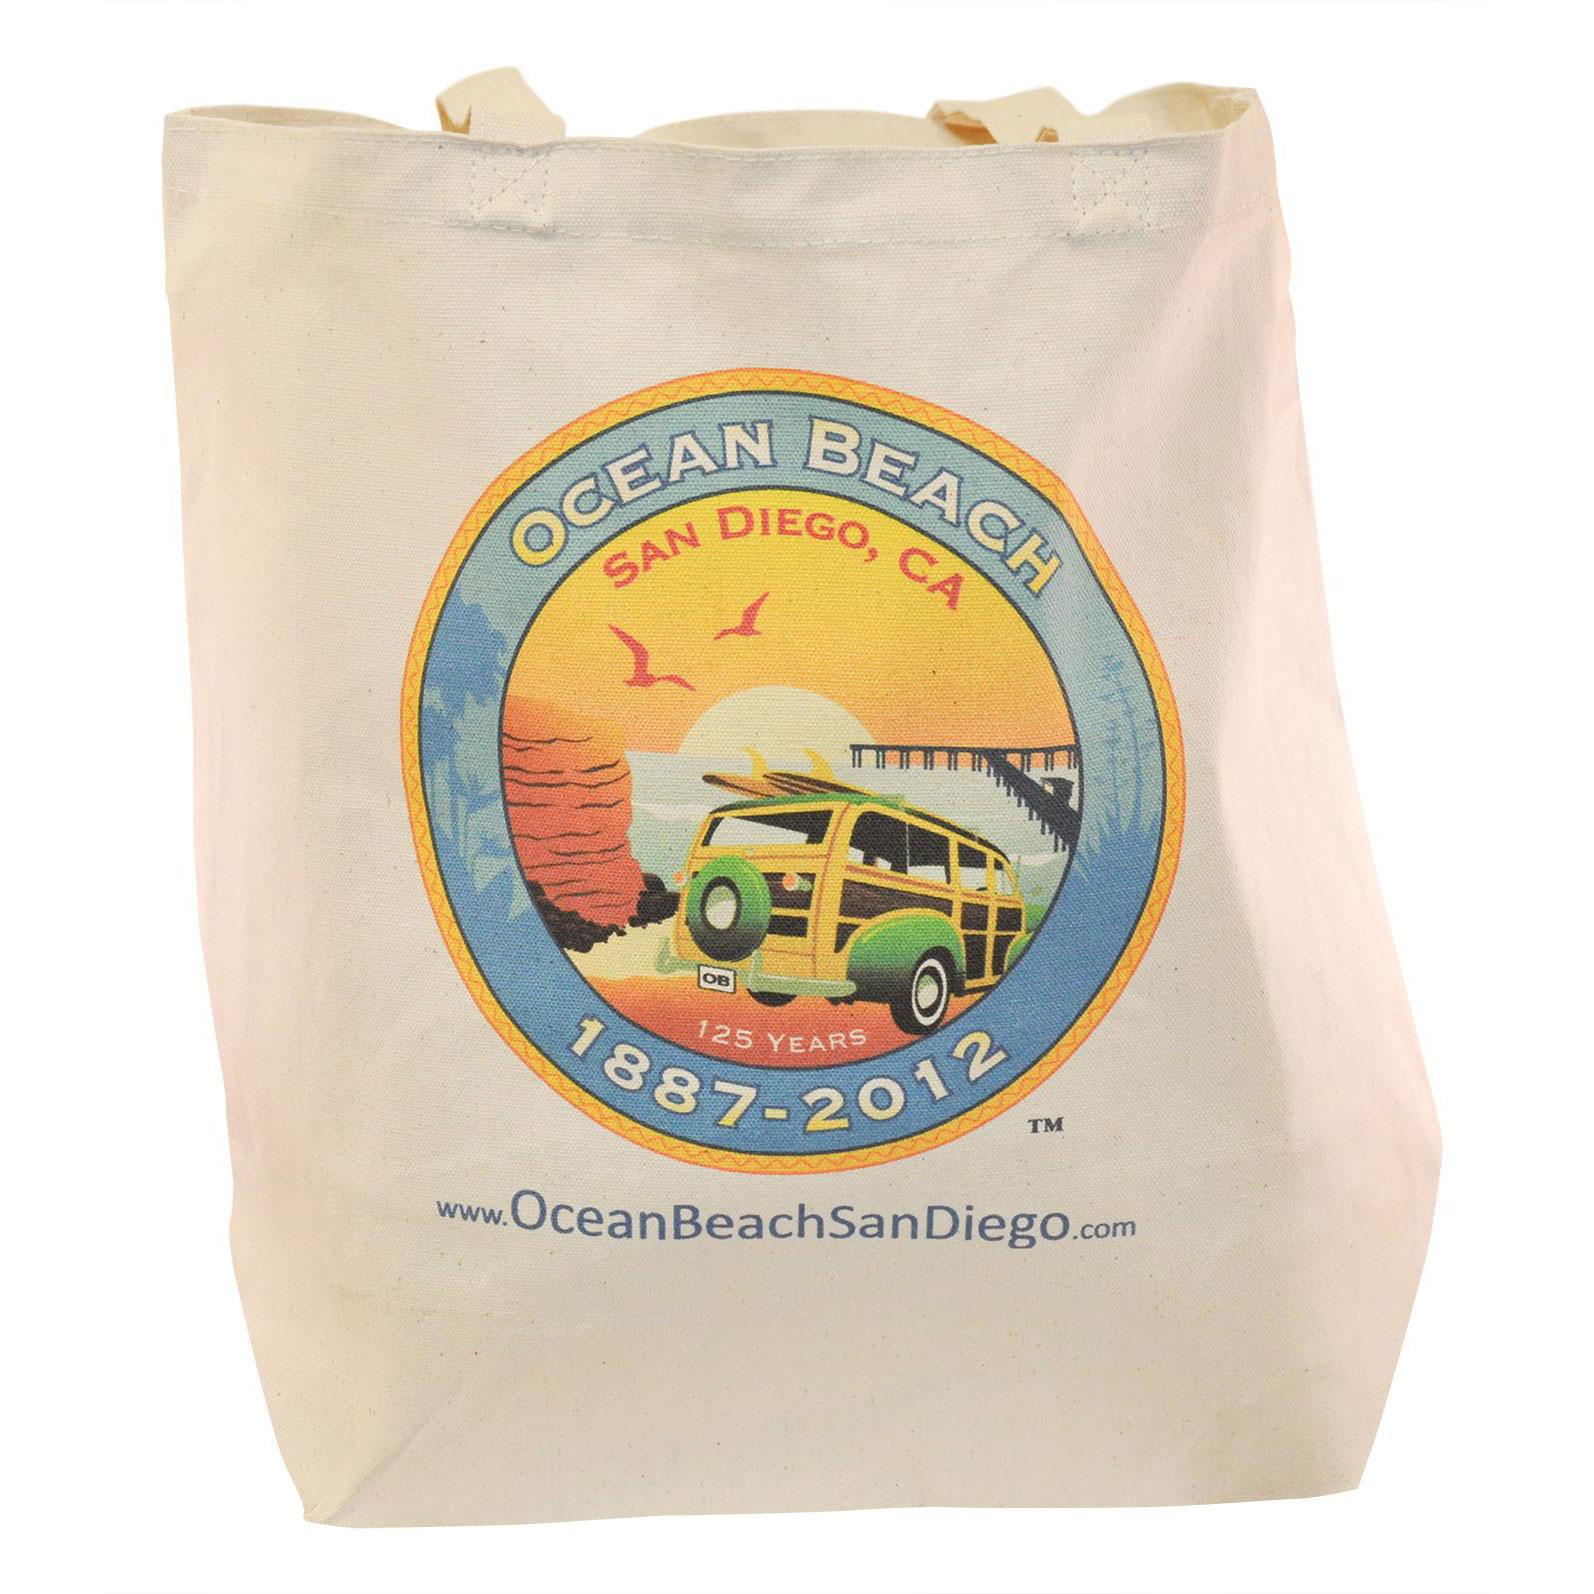 OB 125th Anniversary tote bag